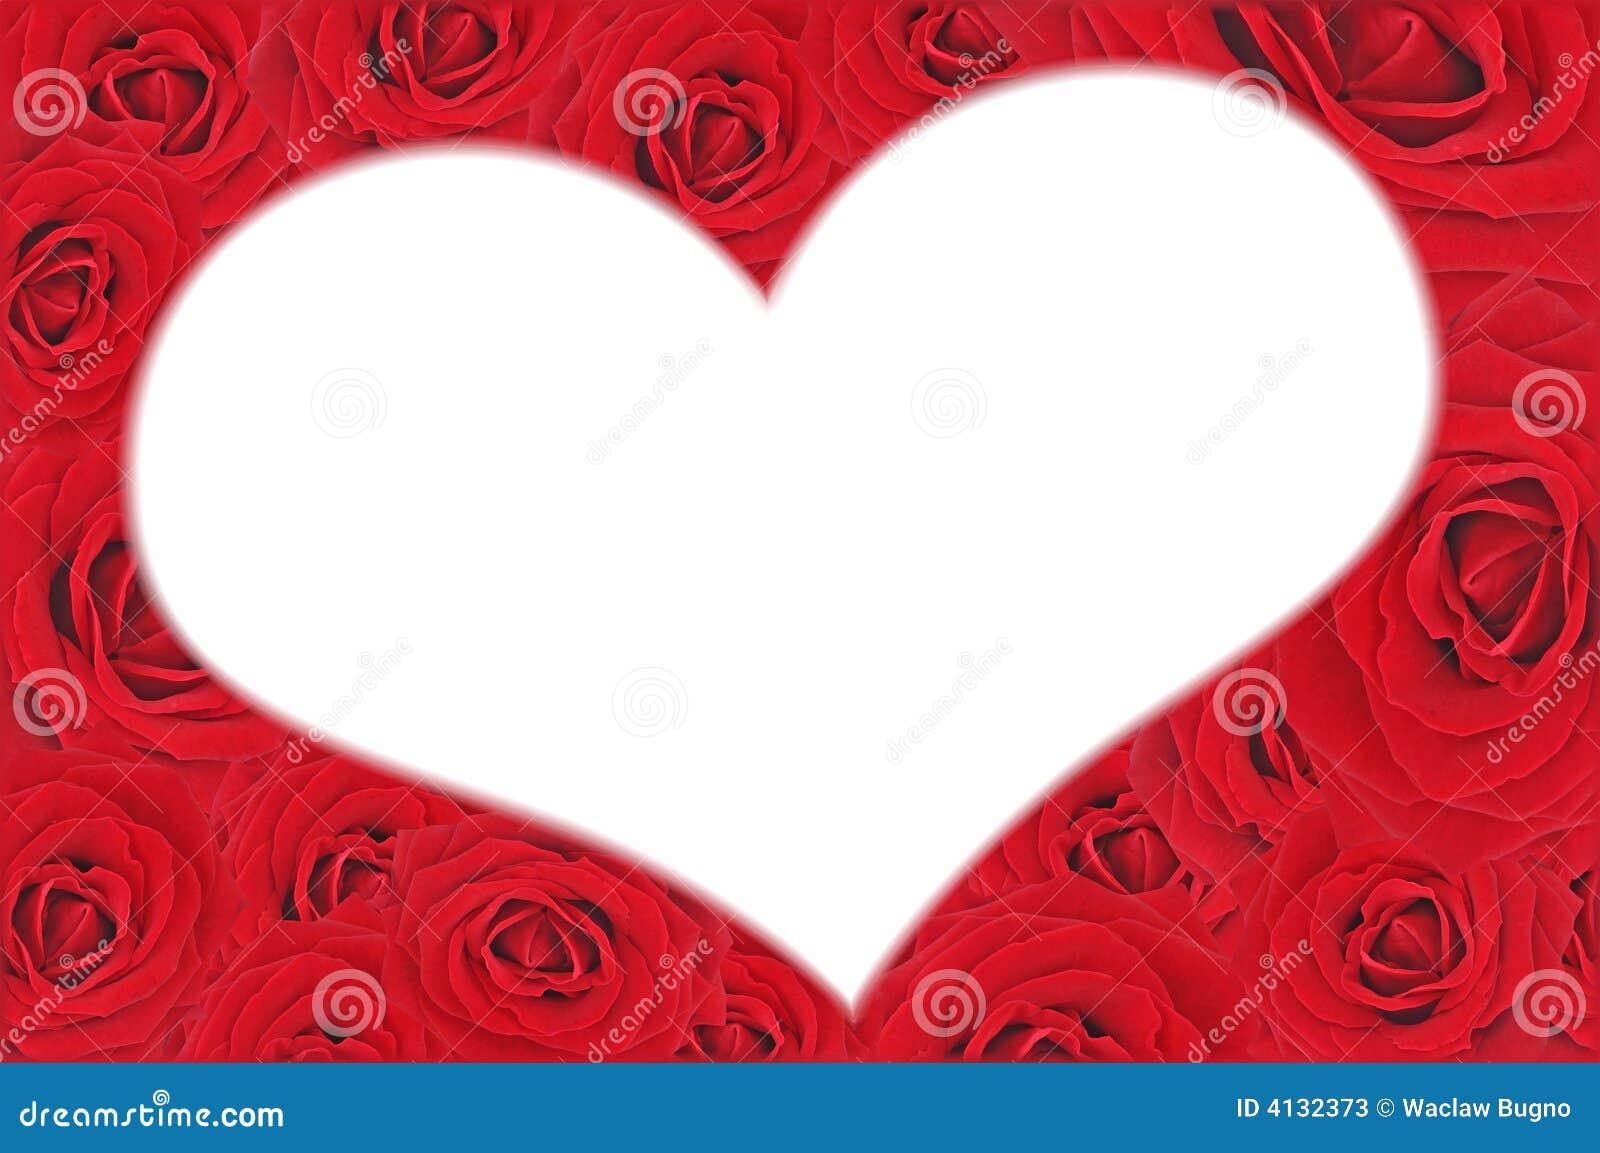 Priorità bassa rossa piacevole delle rose e figura bianca di cuore.